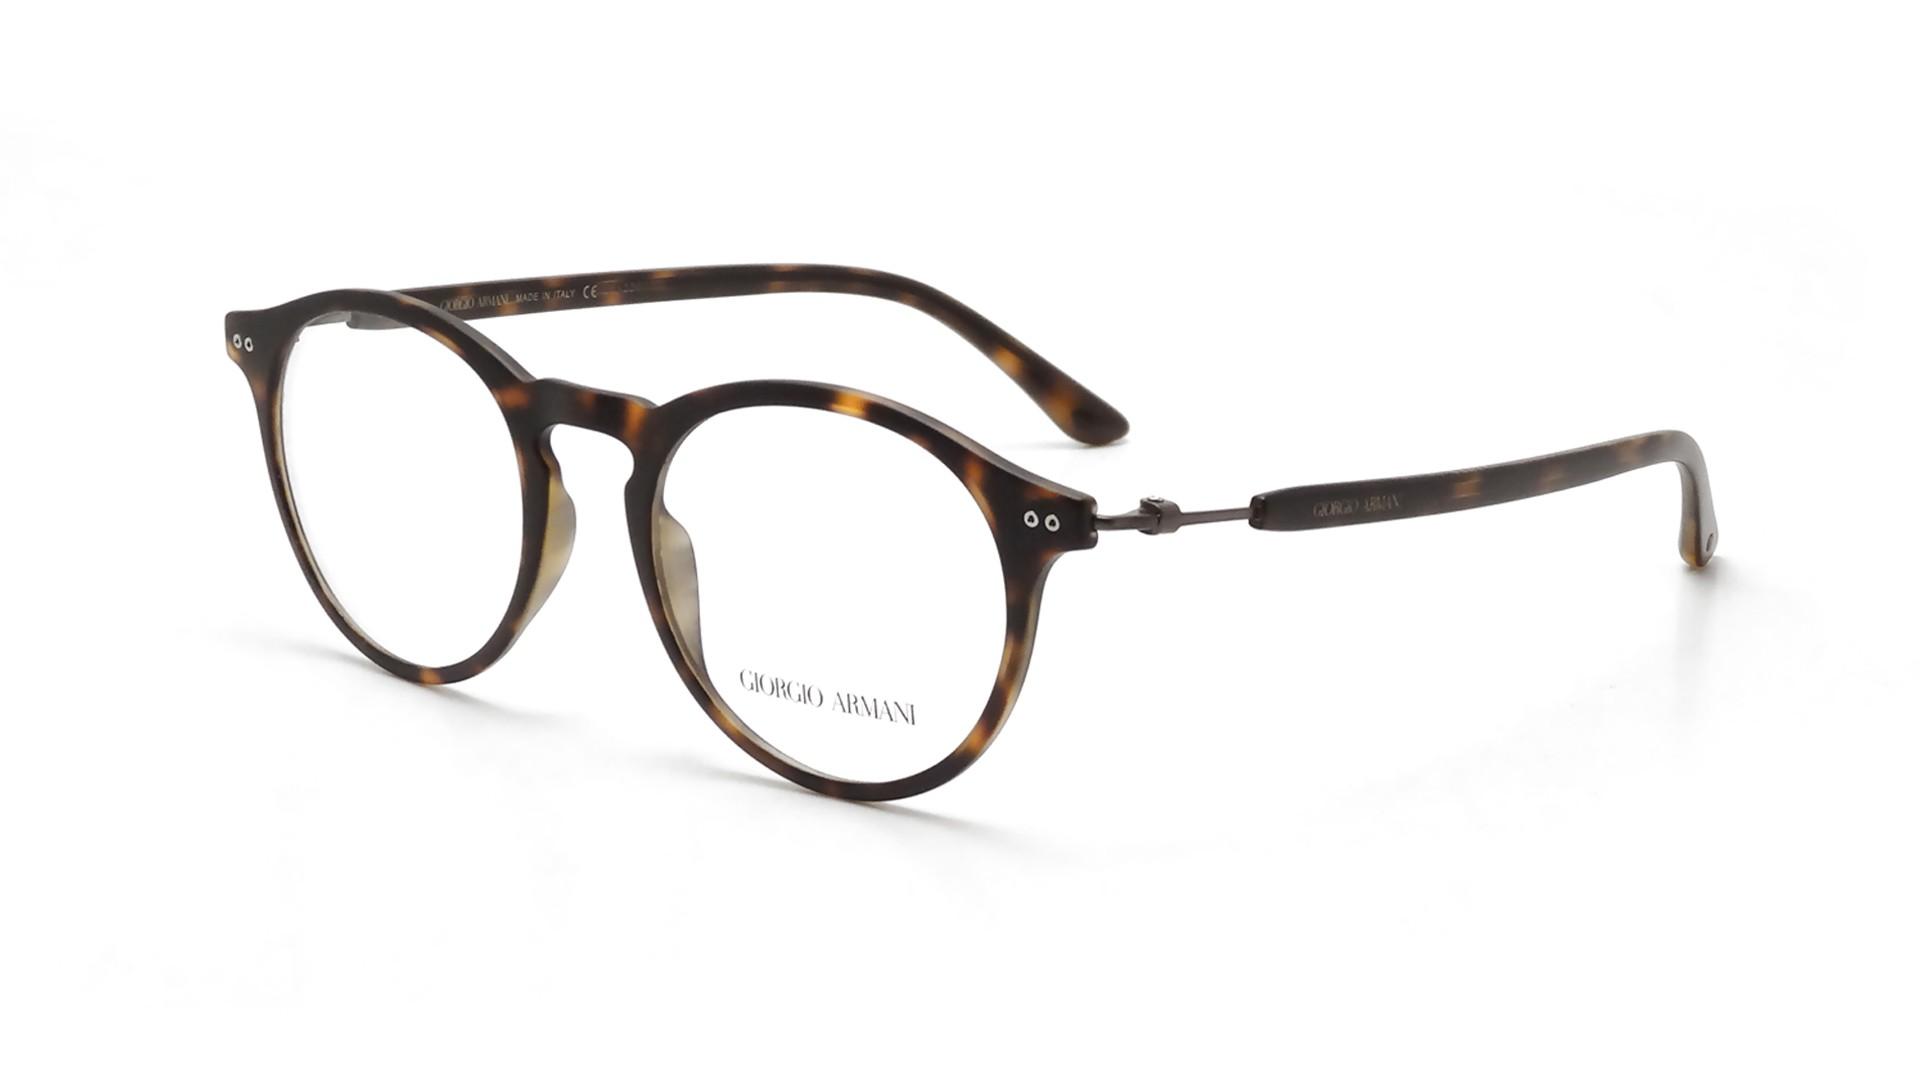 00b6dc37dd9 Eyeglasses Giorgio Armani Frames of Life Tortoise AR7040 5089 48-19 Medium